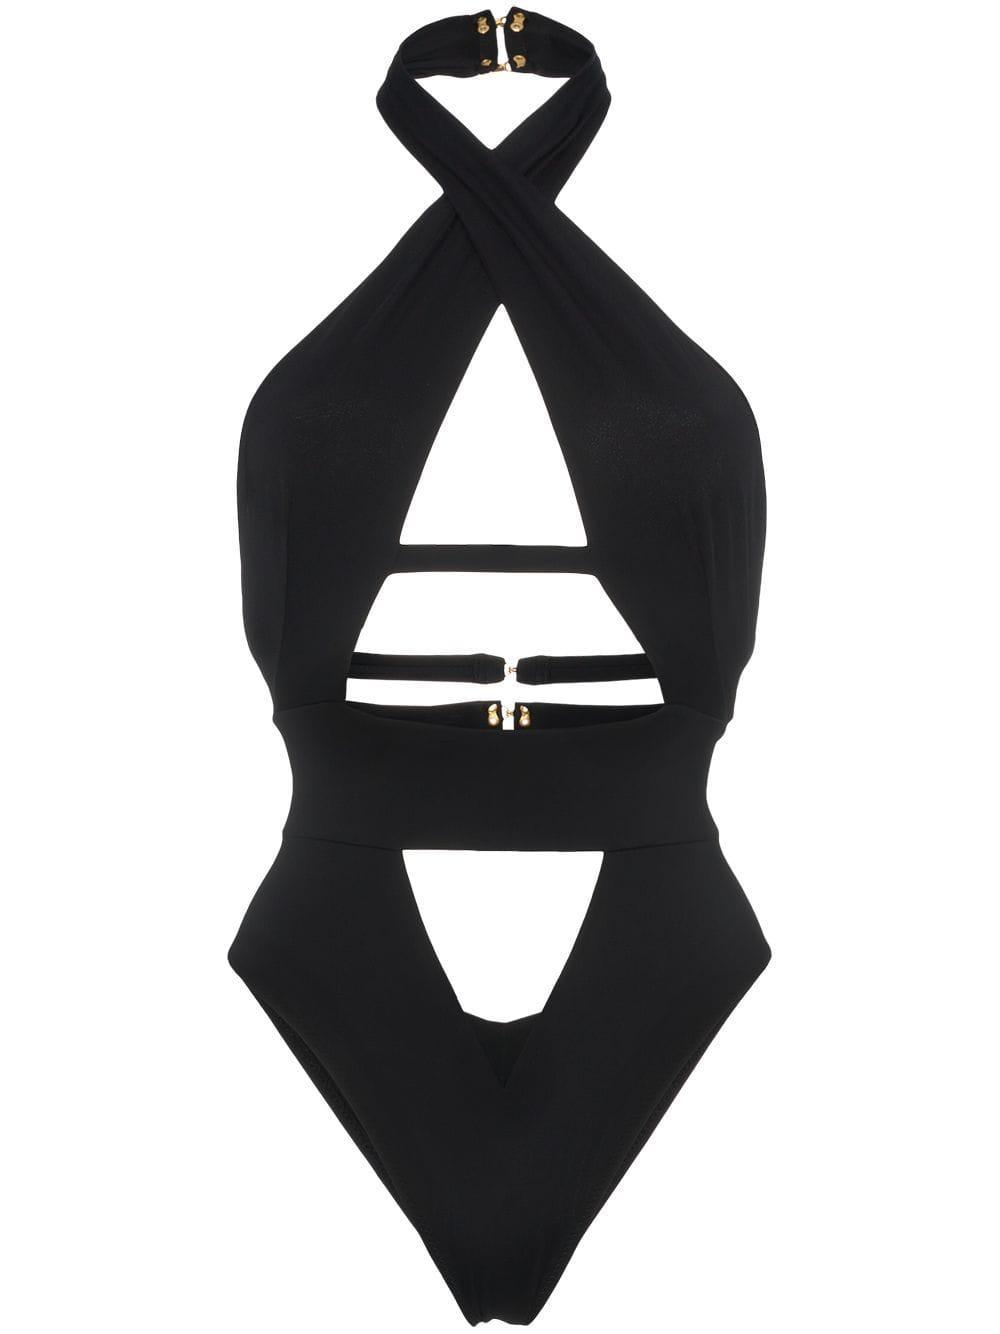 ea795348e831 Bañador Anja con cuello halter de mujer de color negro